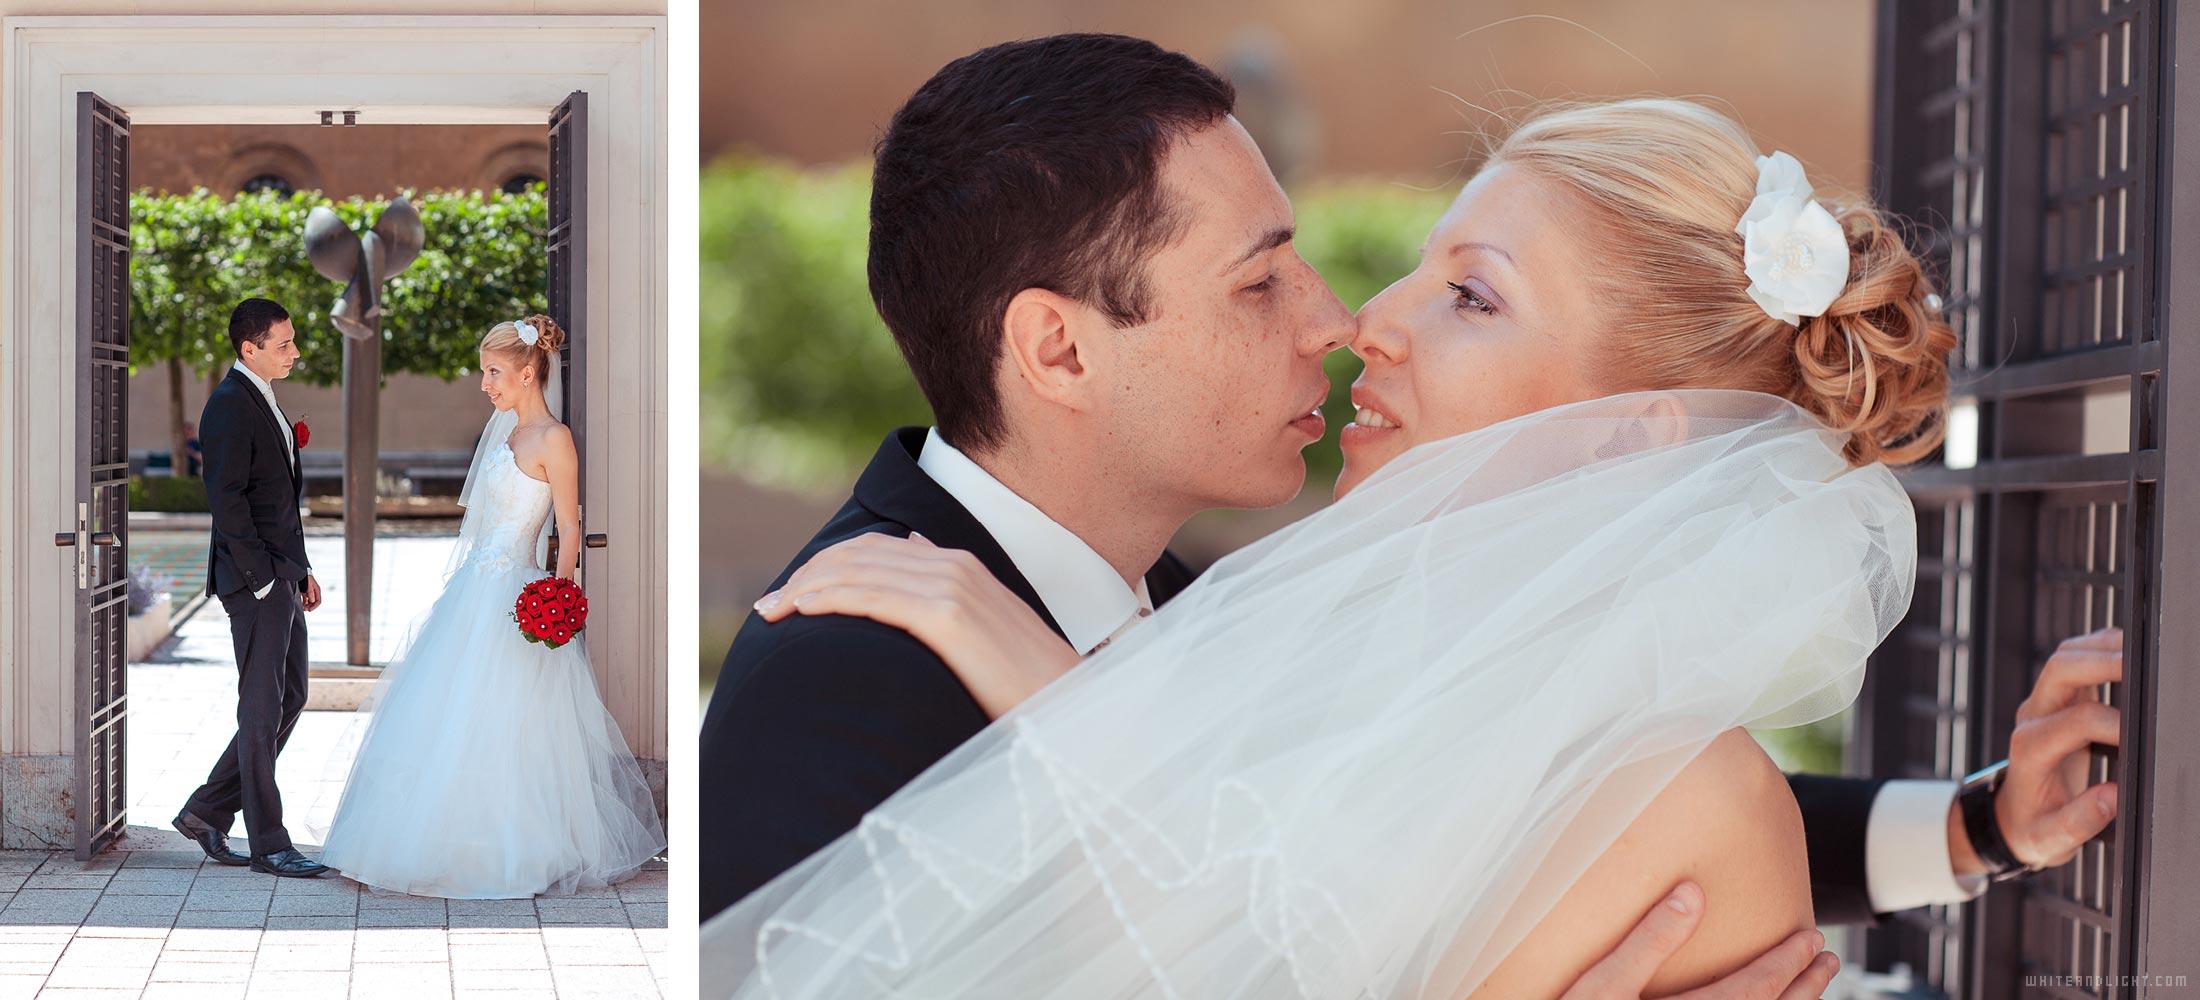 weddingetiquette